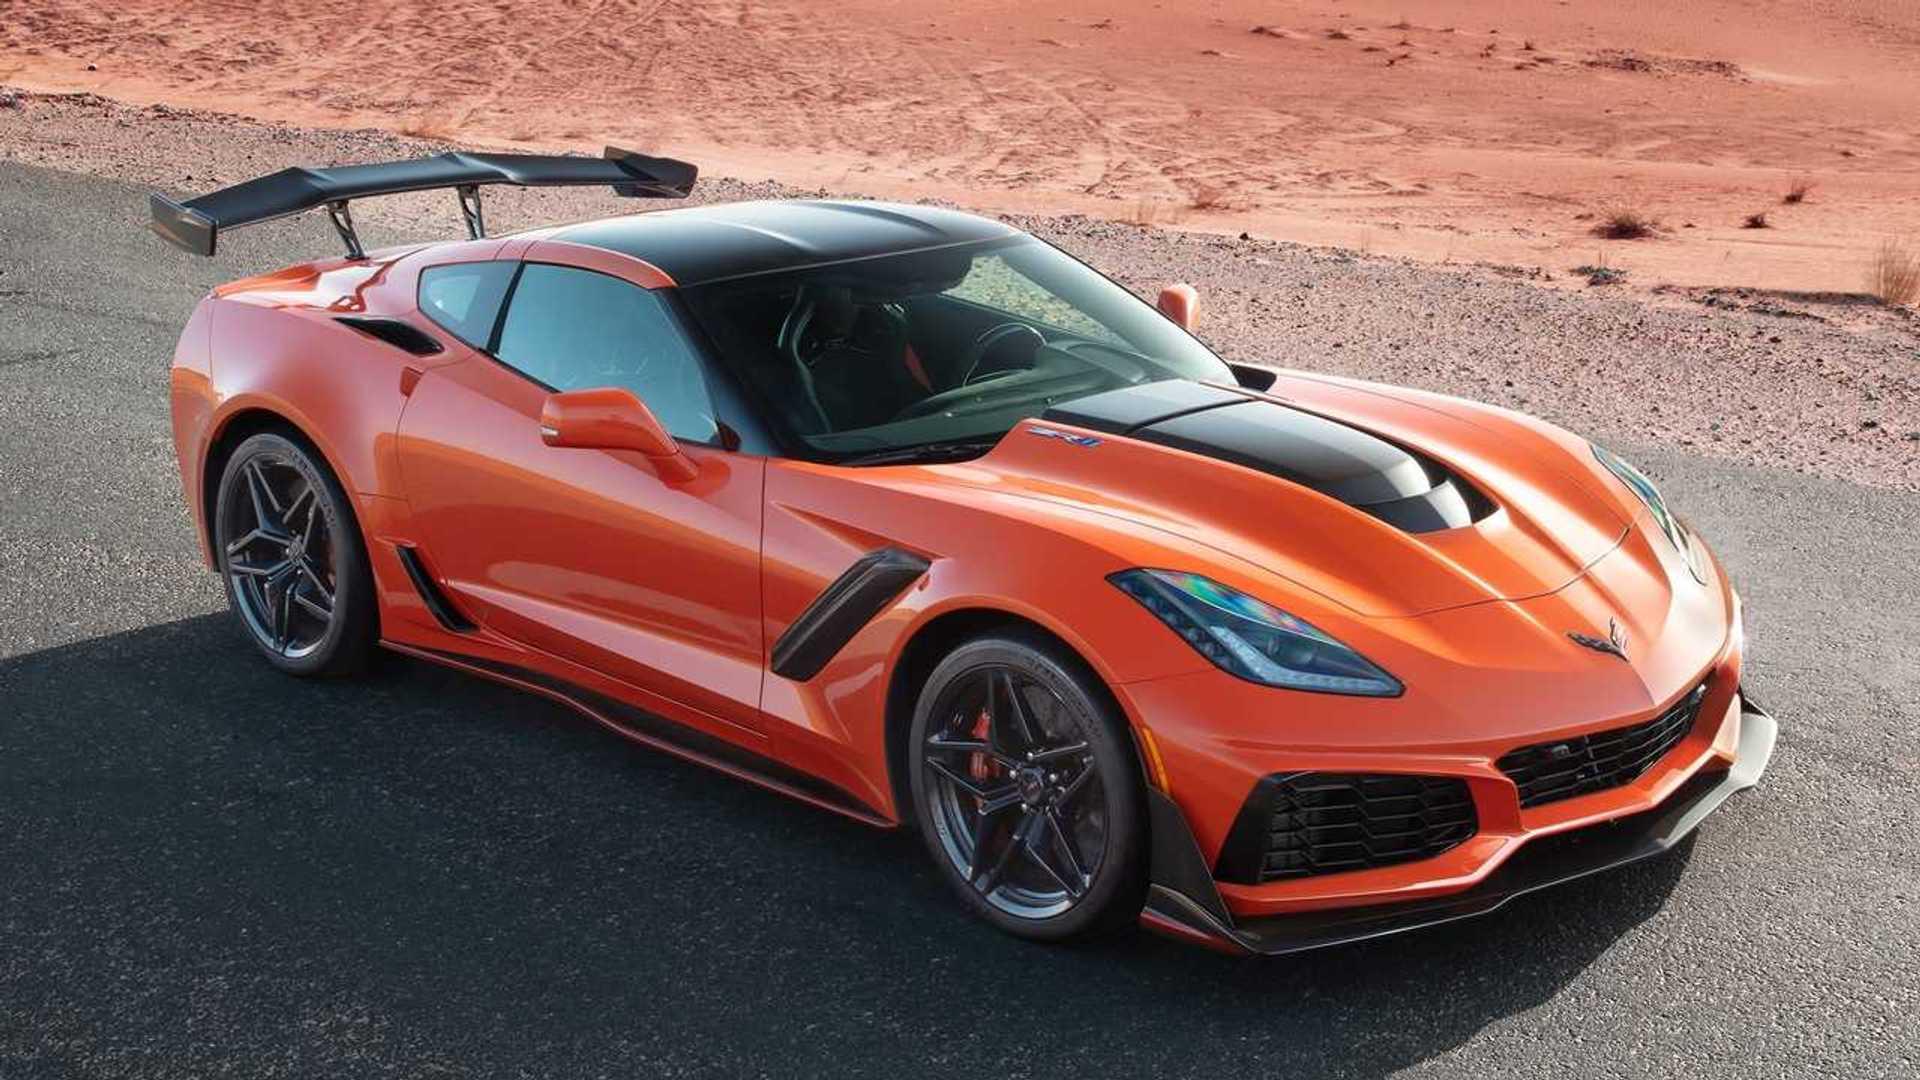 Kekurangan Chevrolet Corvette C7 Top Model Tahun Ini